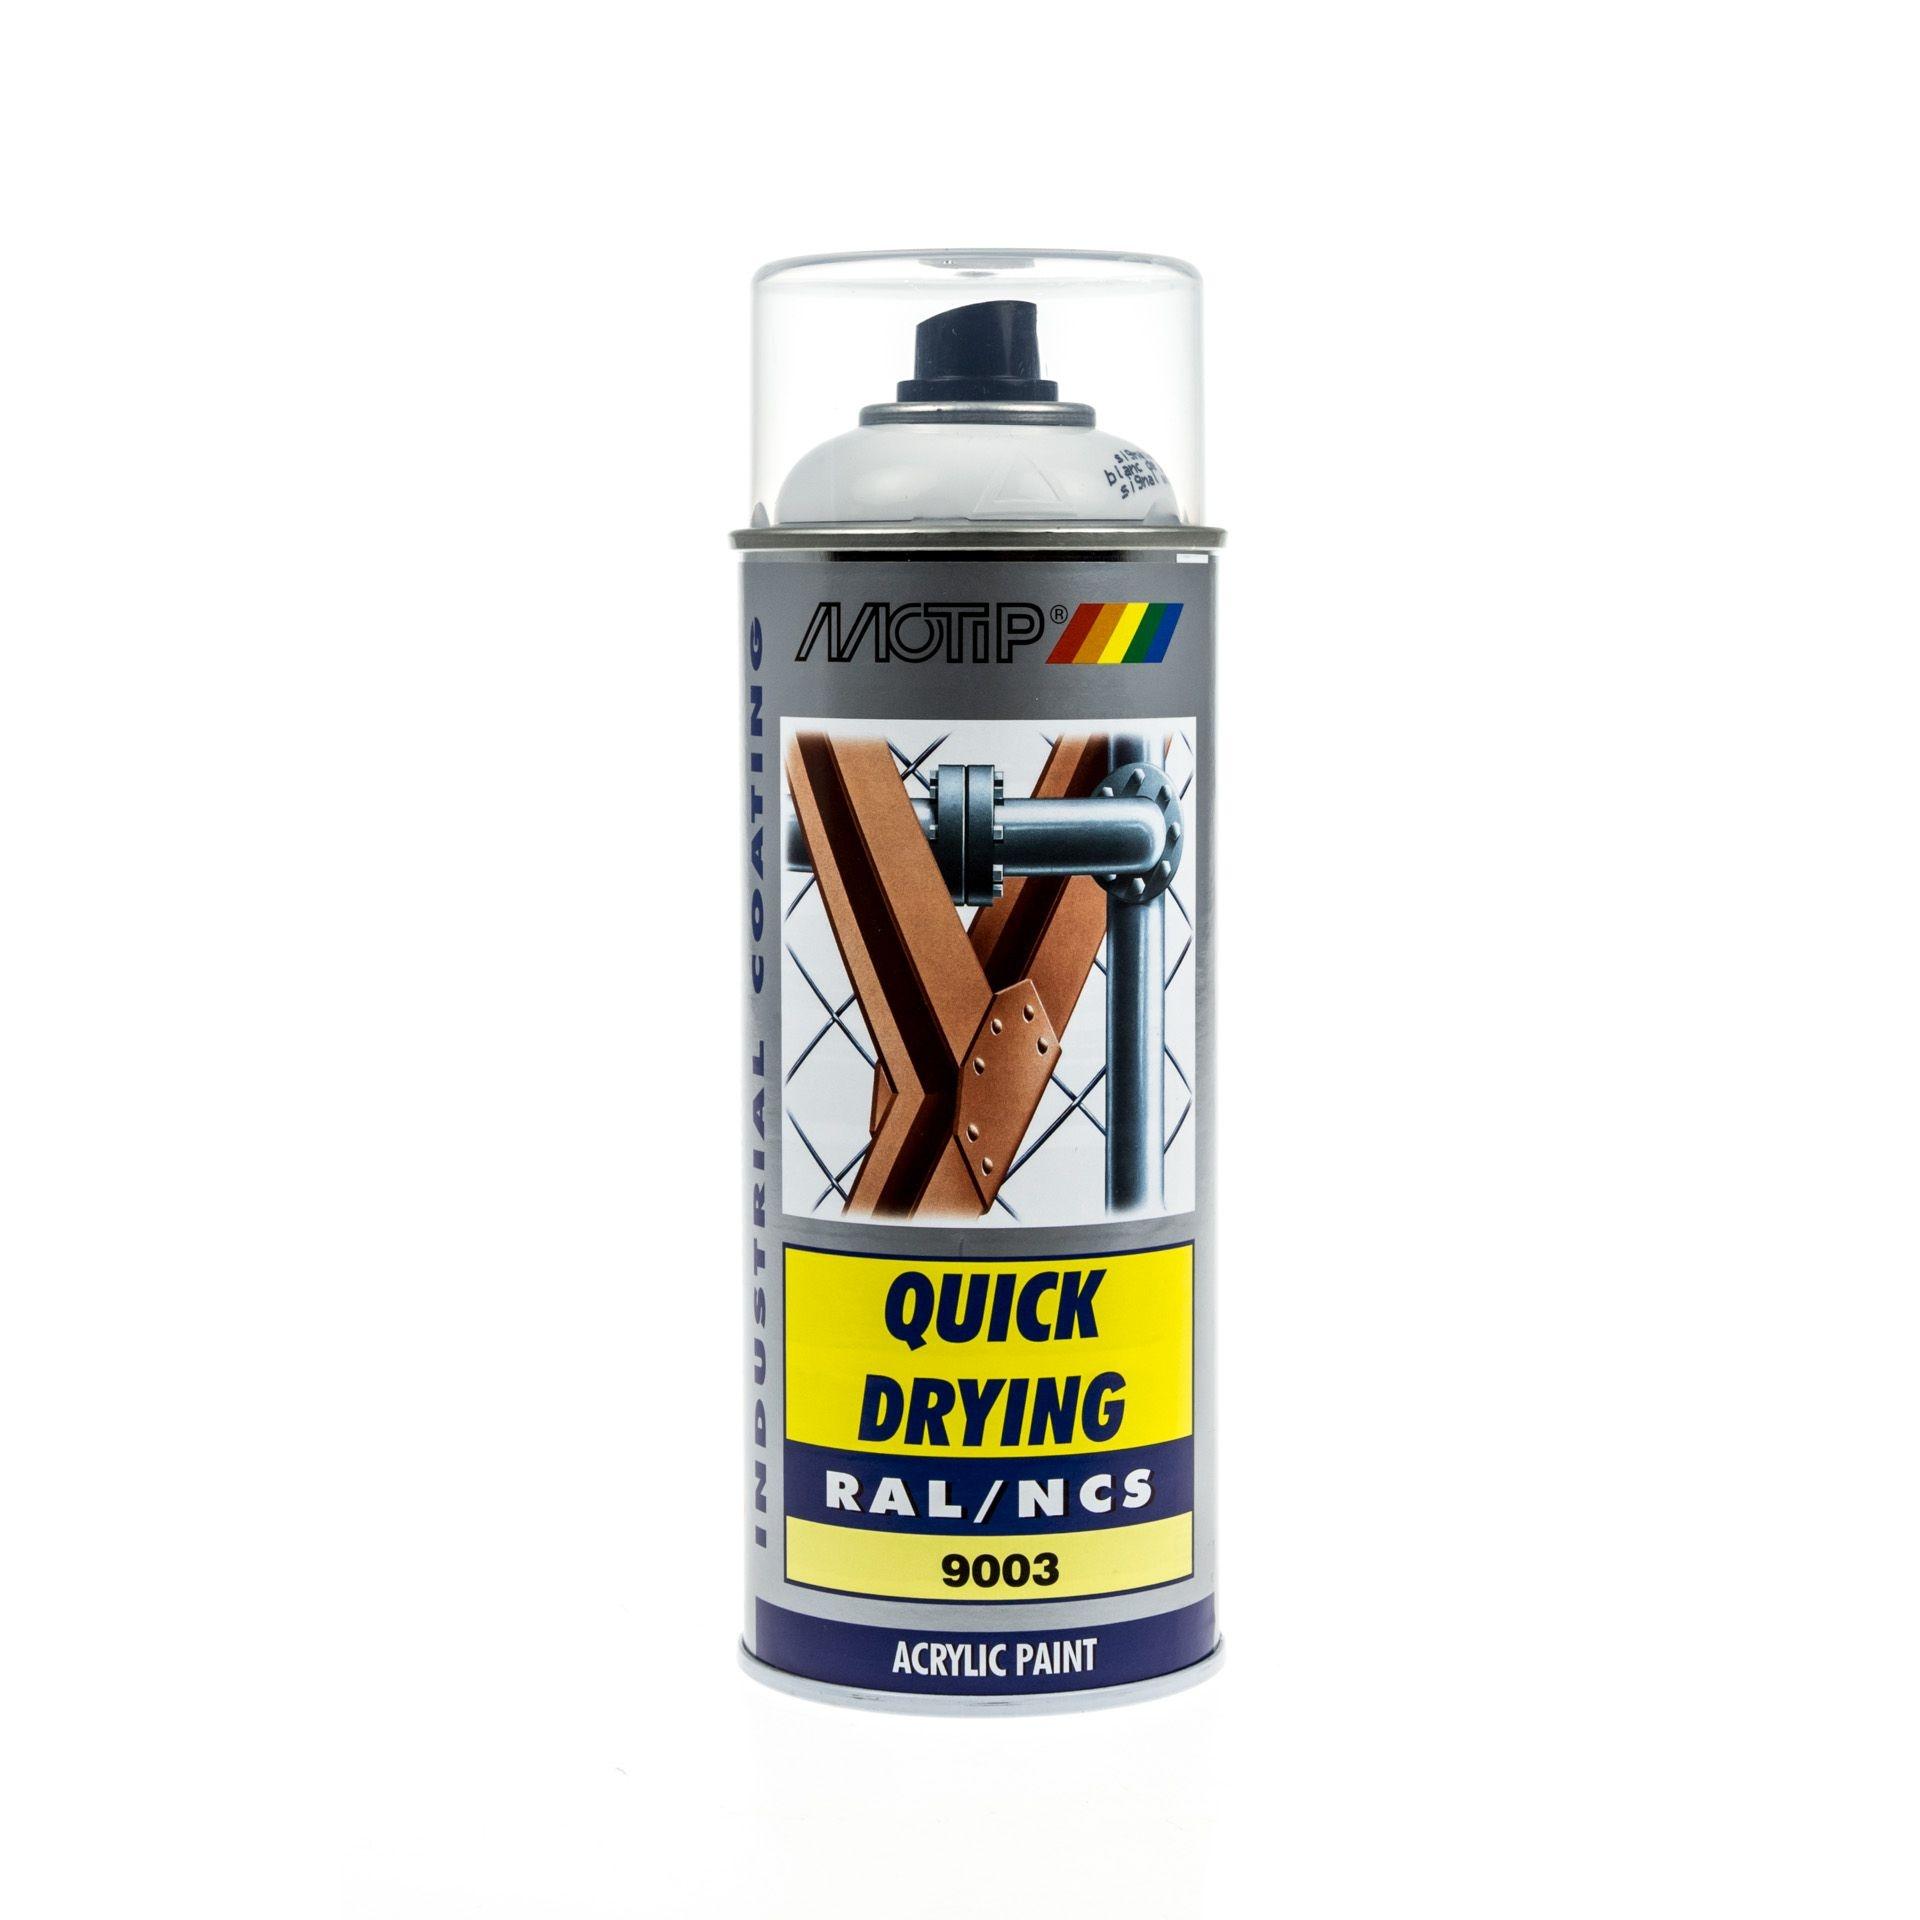 Bombe de peinture MoTip blanc de sécurité brillant acrylique RAL 9003 400 ml M07042